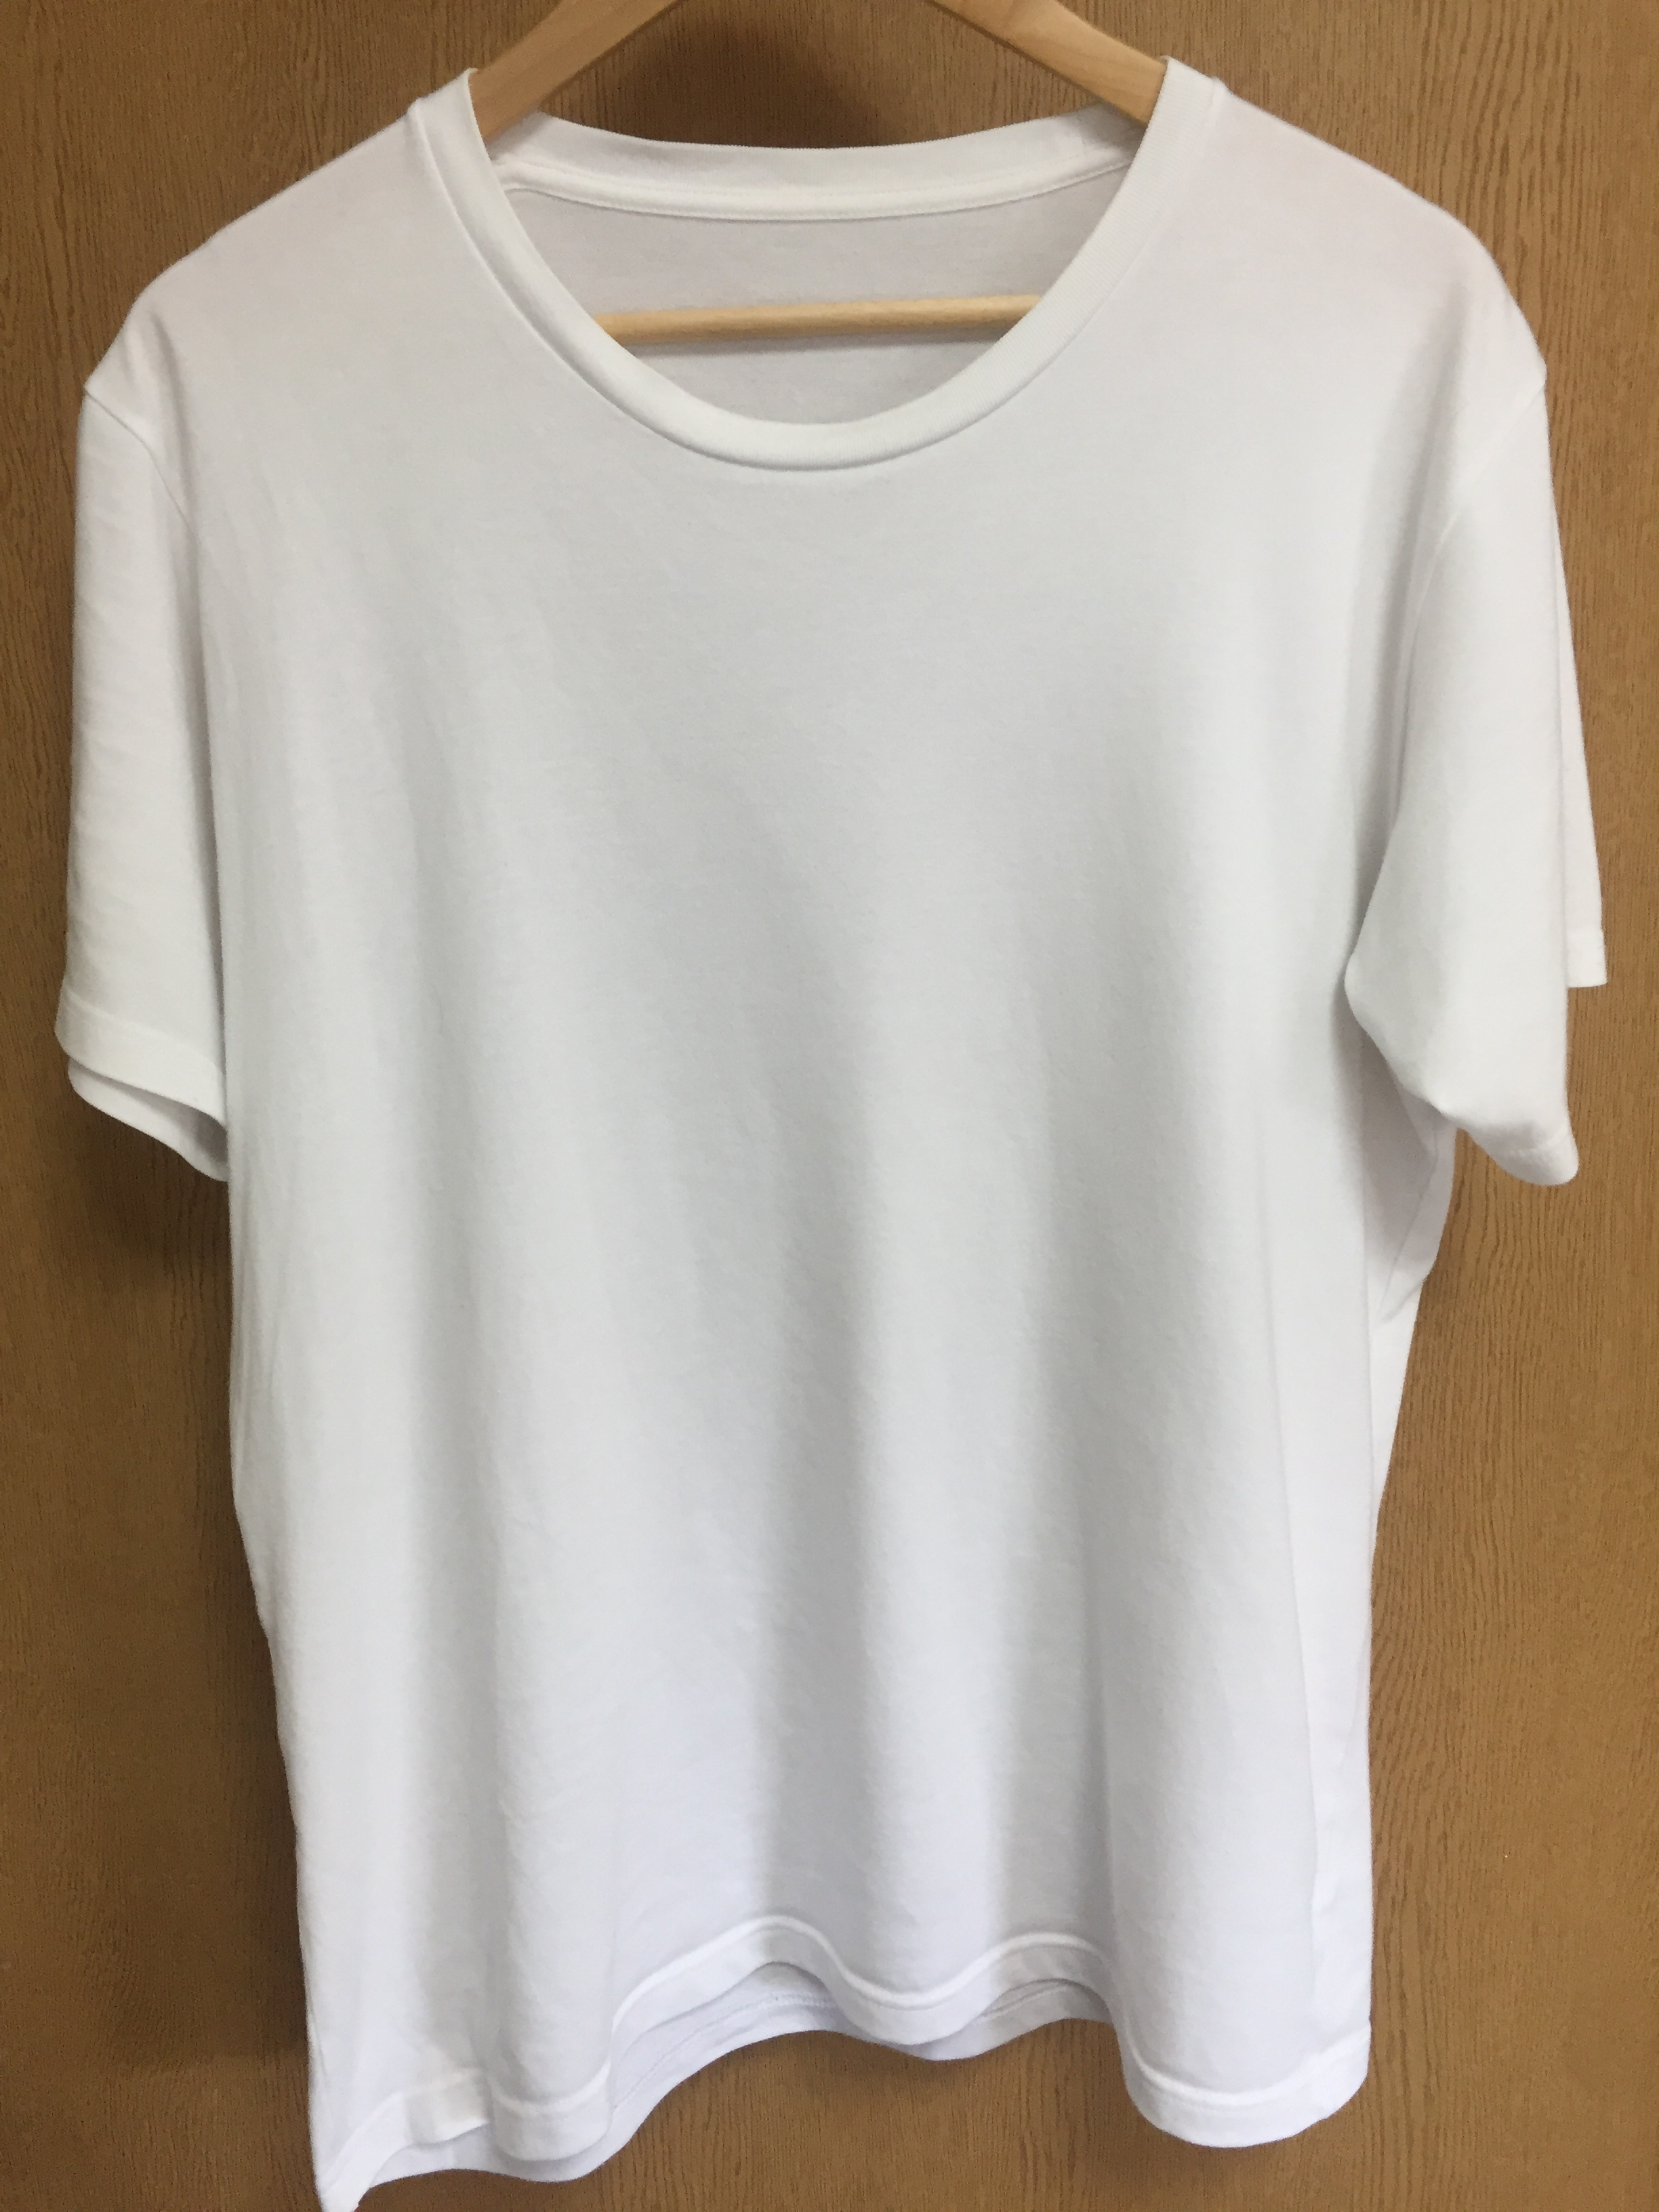 ユニクロのパックTシャツ